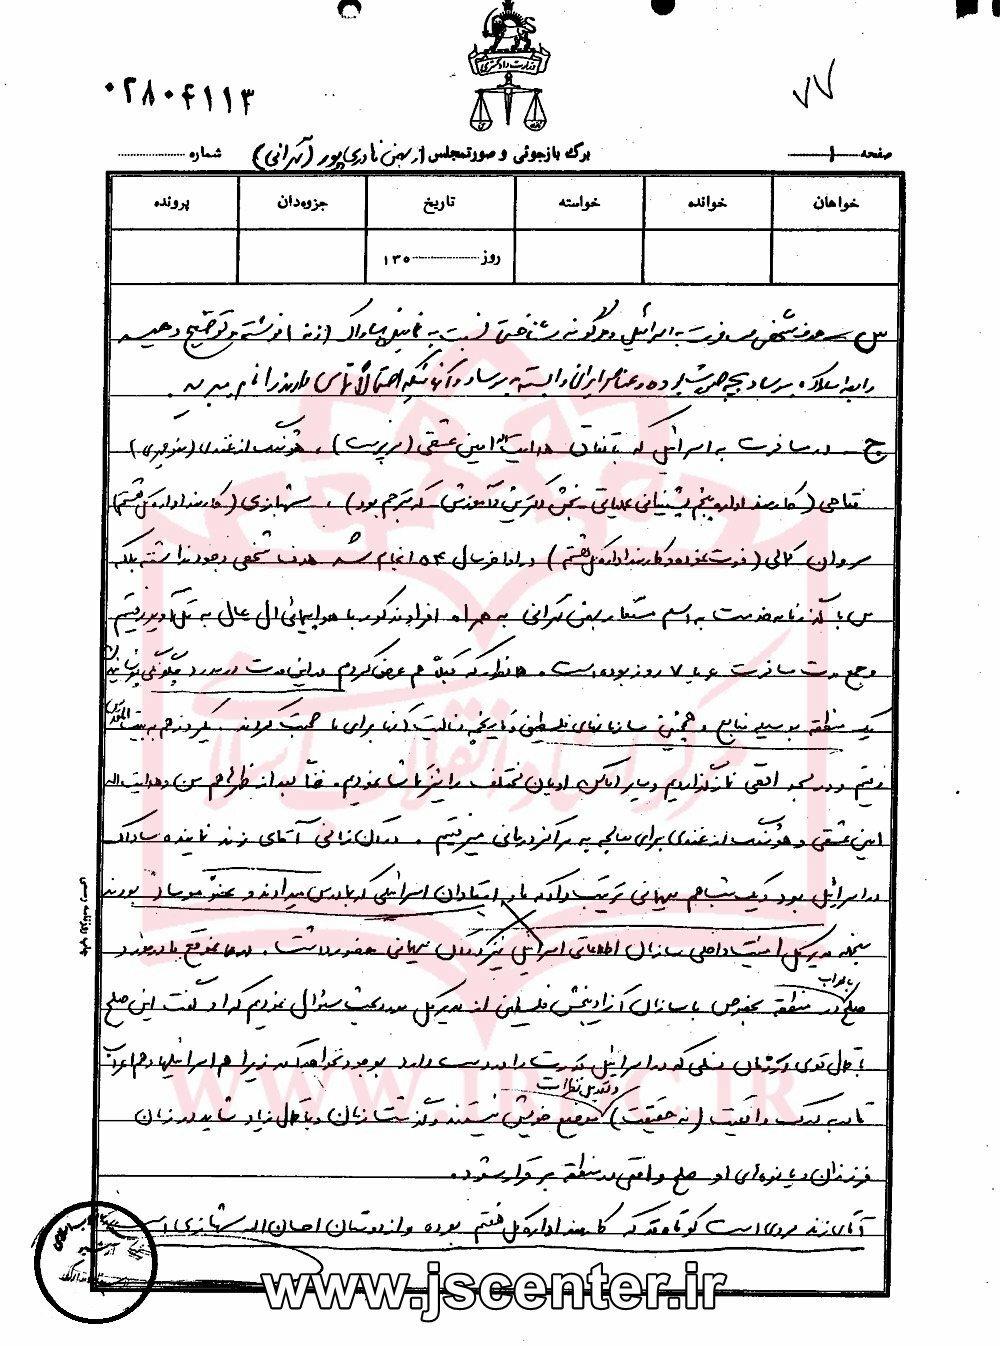 اعترافات بهمن نادریپور معروف به تهرانی